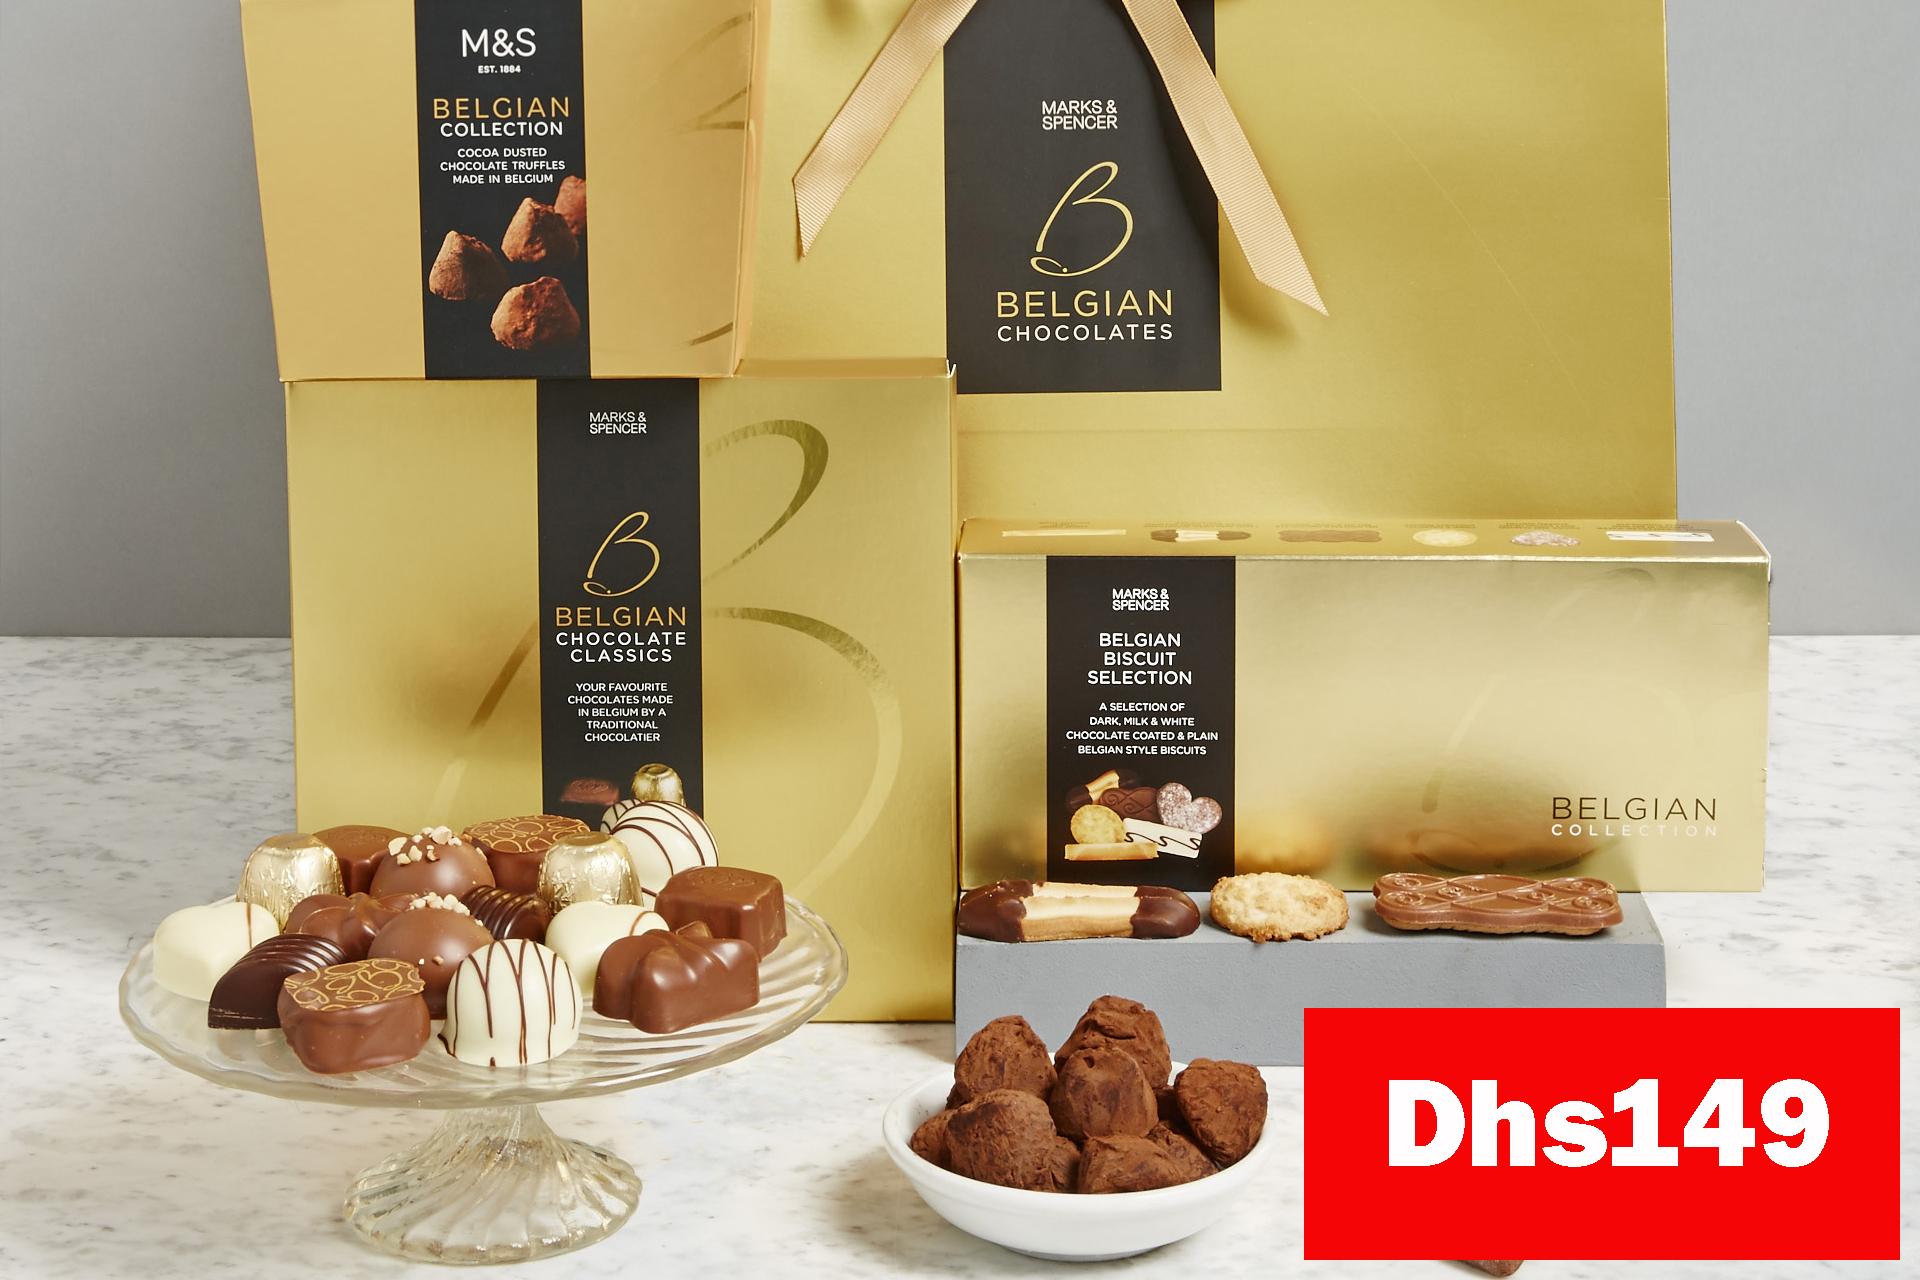 Marks & Spencer reveals Dubai Christmas